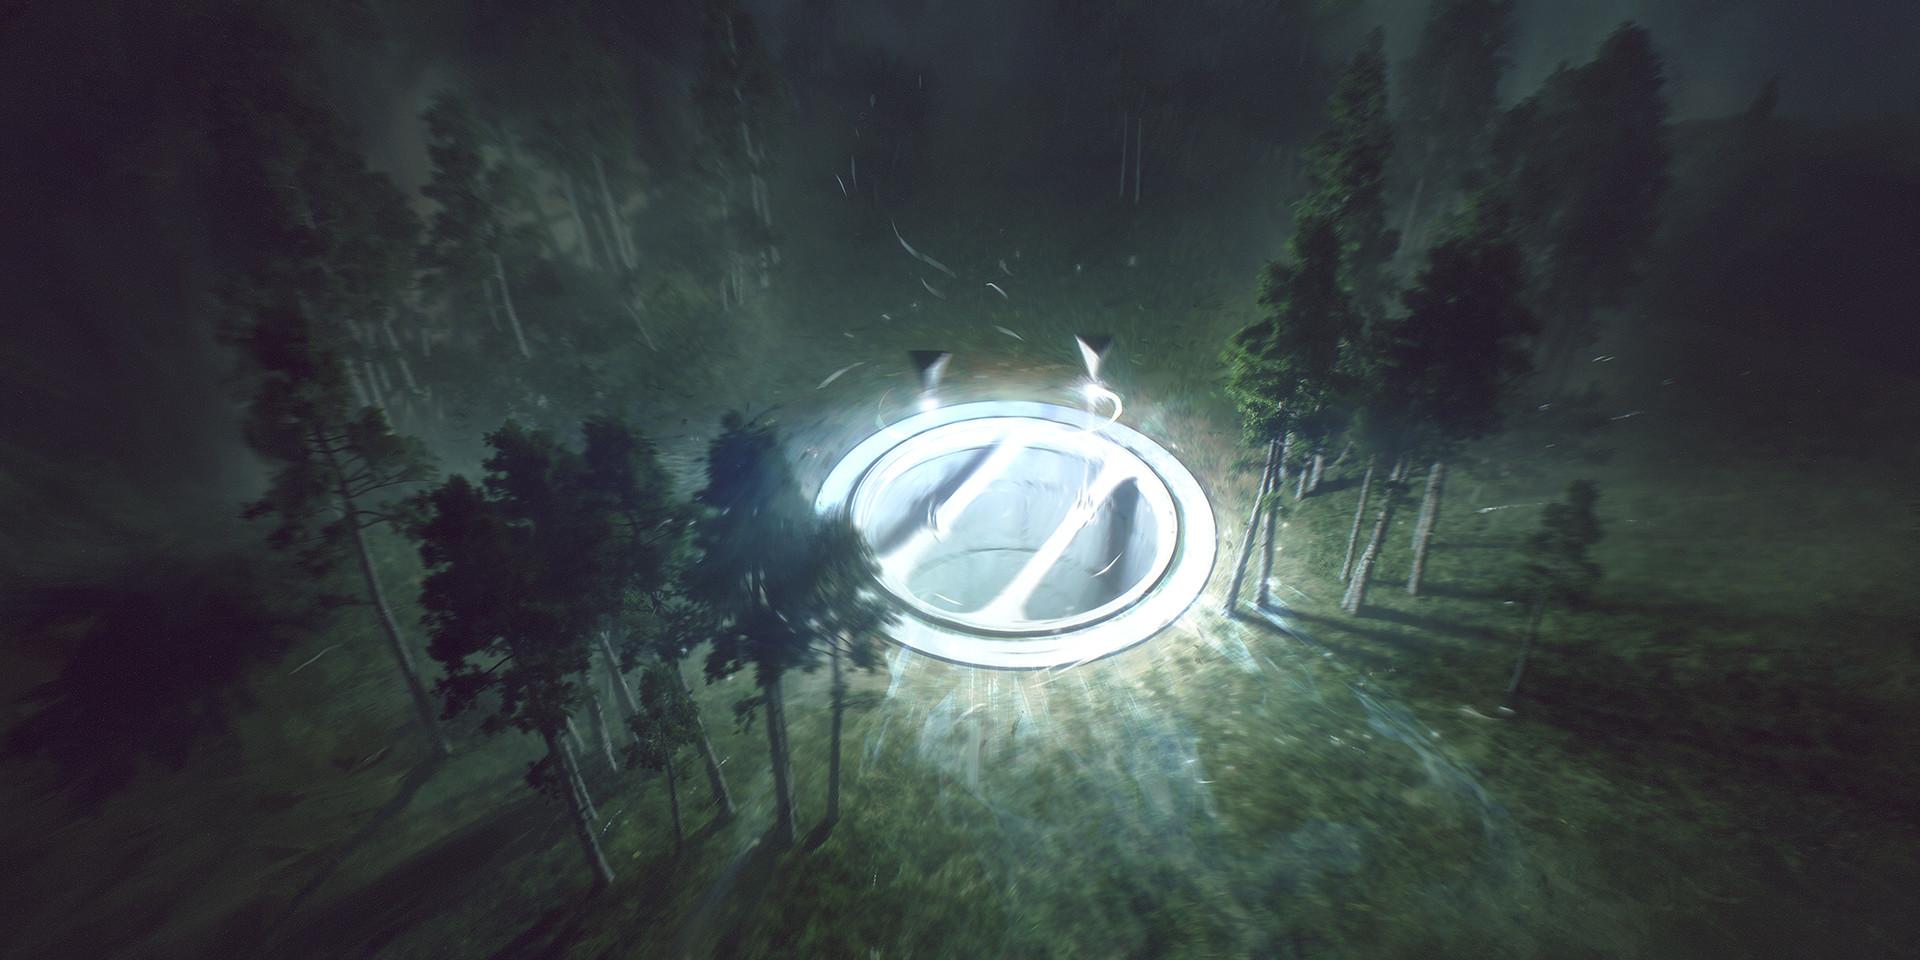 Efflam mercier render sketch night activation copy